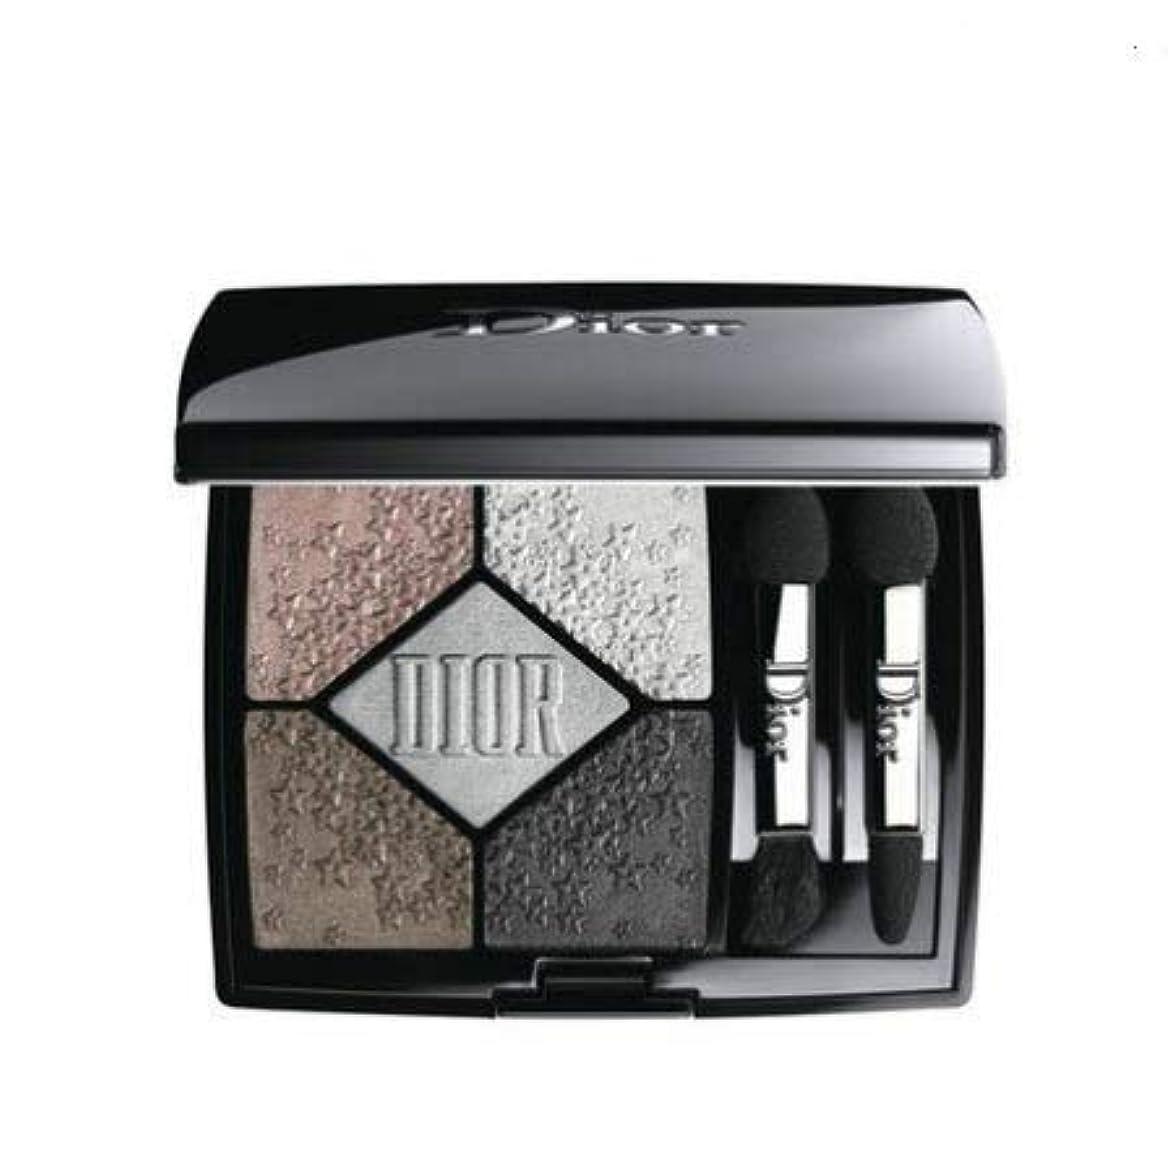 ブロンズ保険収束ディオール サンク クルール #057 ムーンライト 限定色 -Dior-